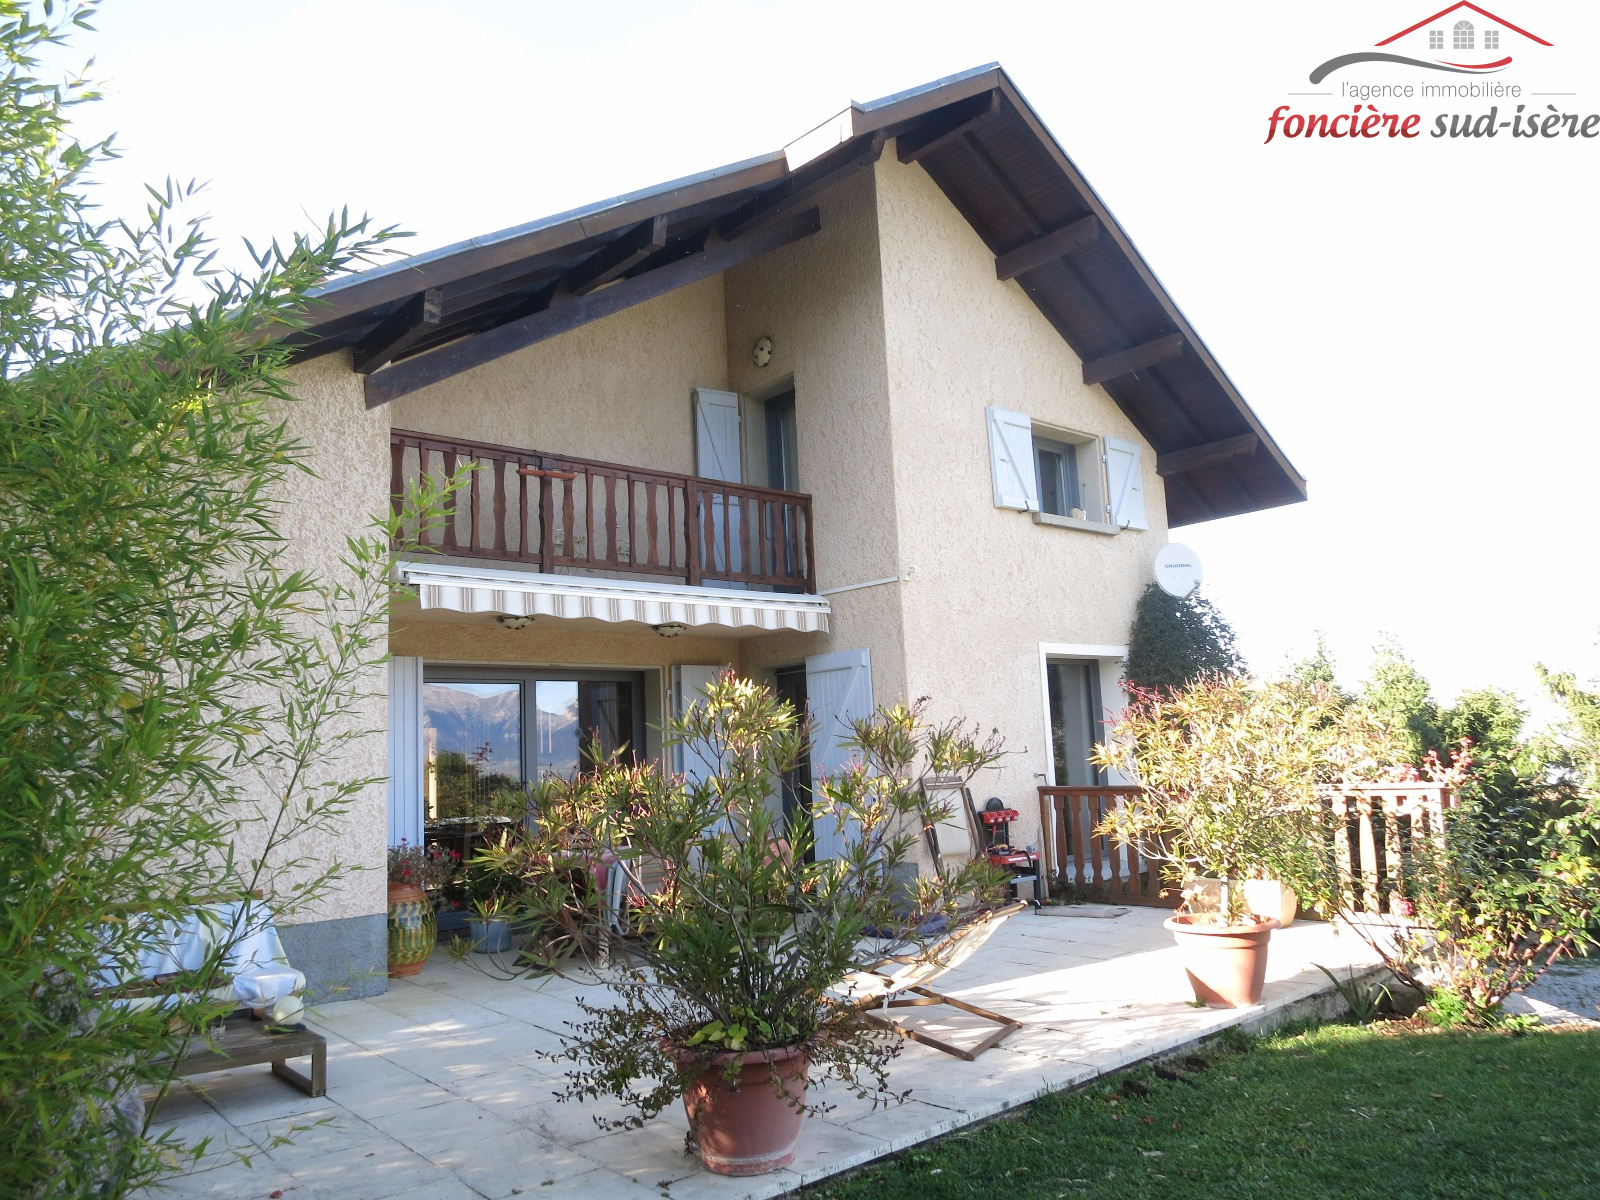 Vente belle maison d 39 habitation de 240m for Vente habitation